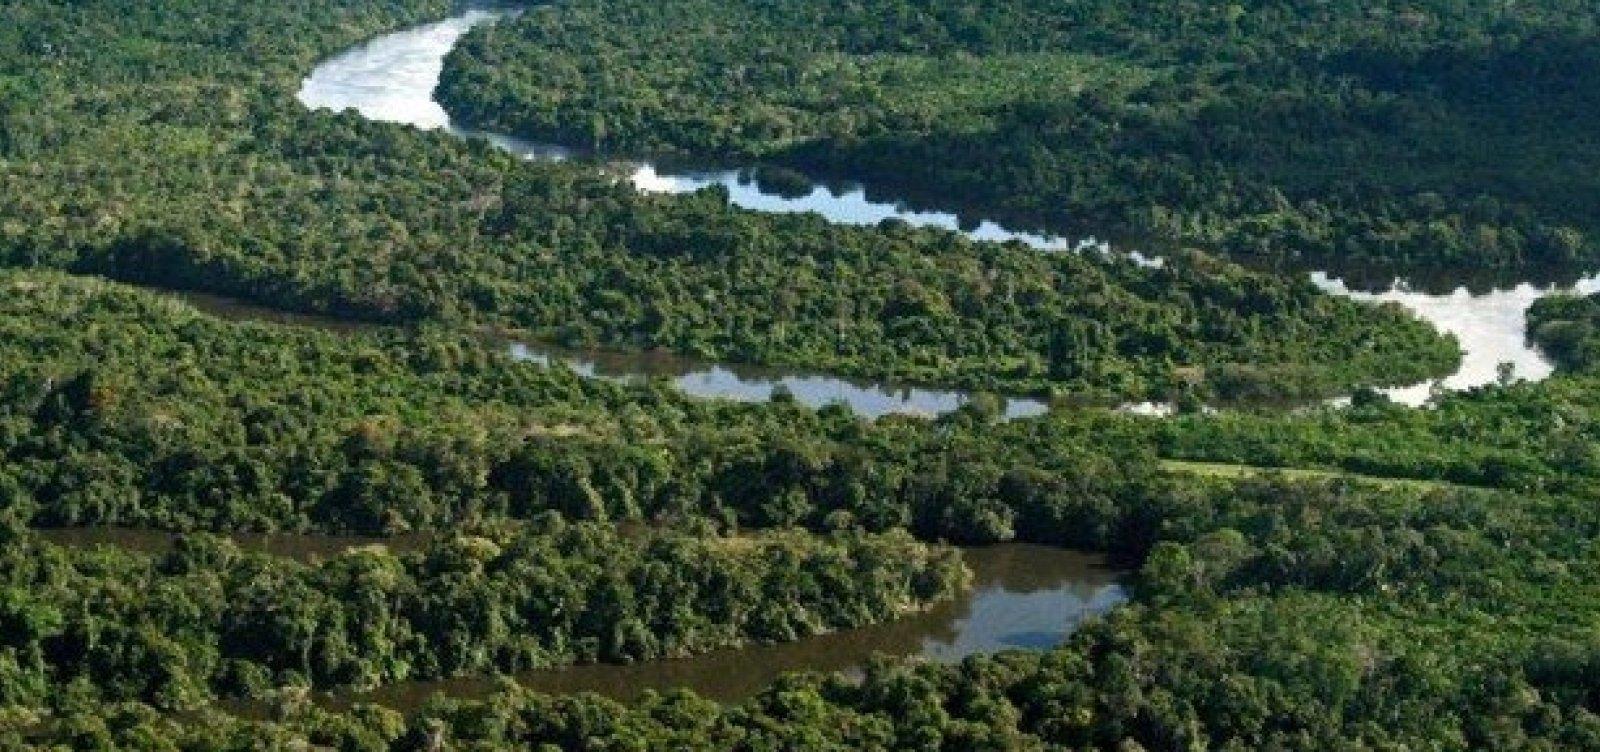 [Desmatamento na Amazônia cresce e alcança maior número da última década]